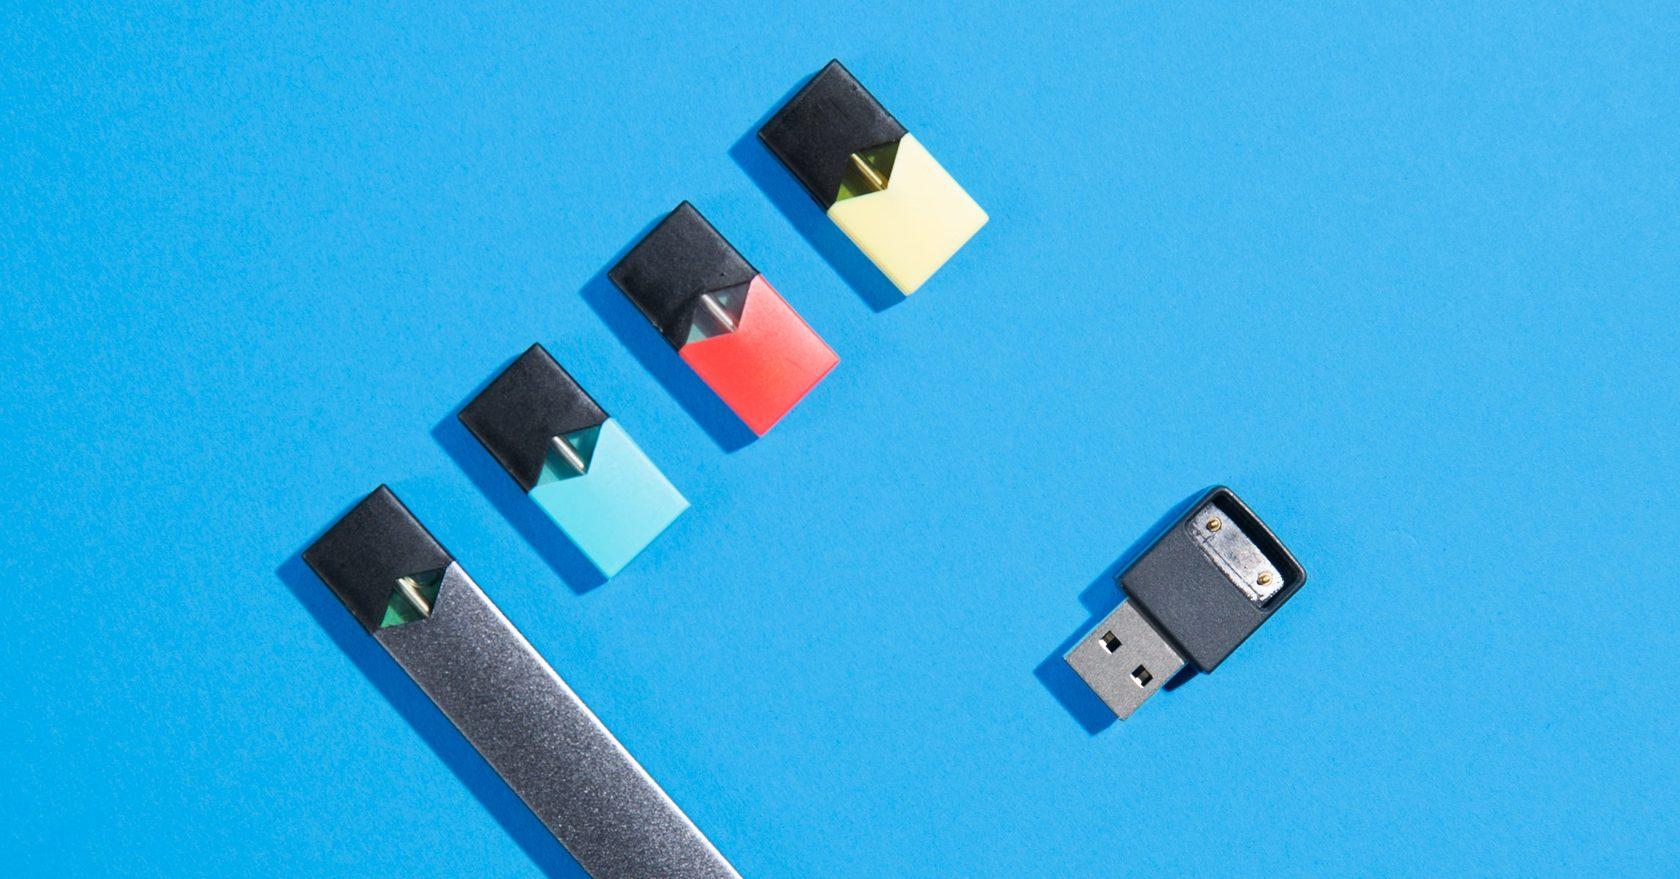 электронные сигареты в виде флешки купить